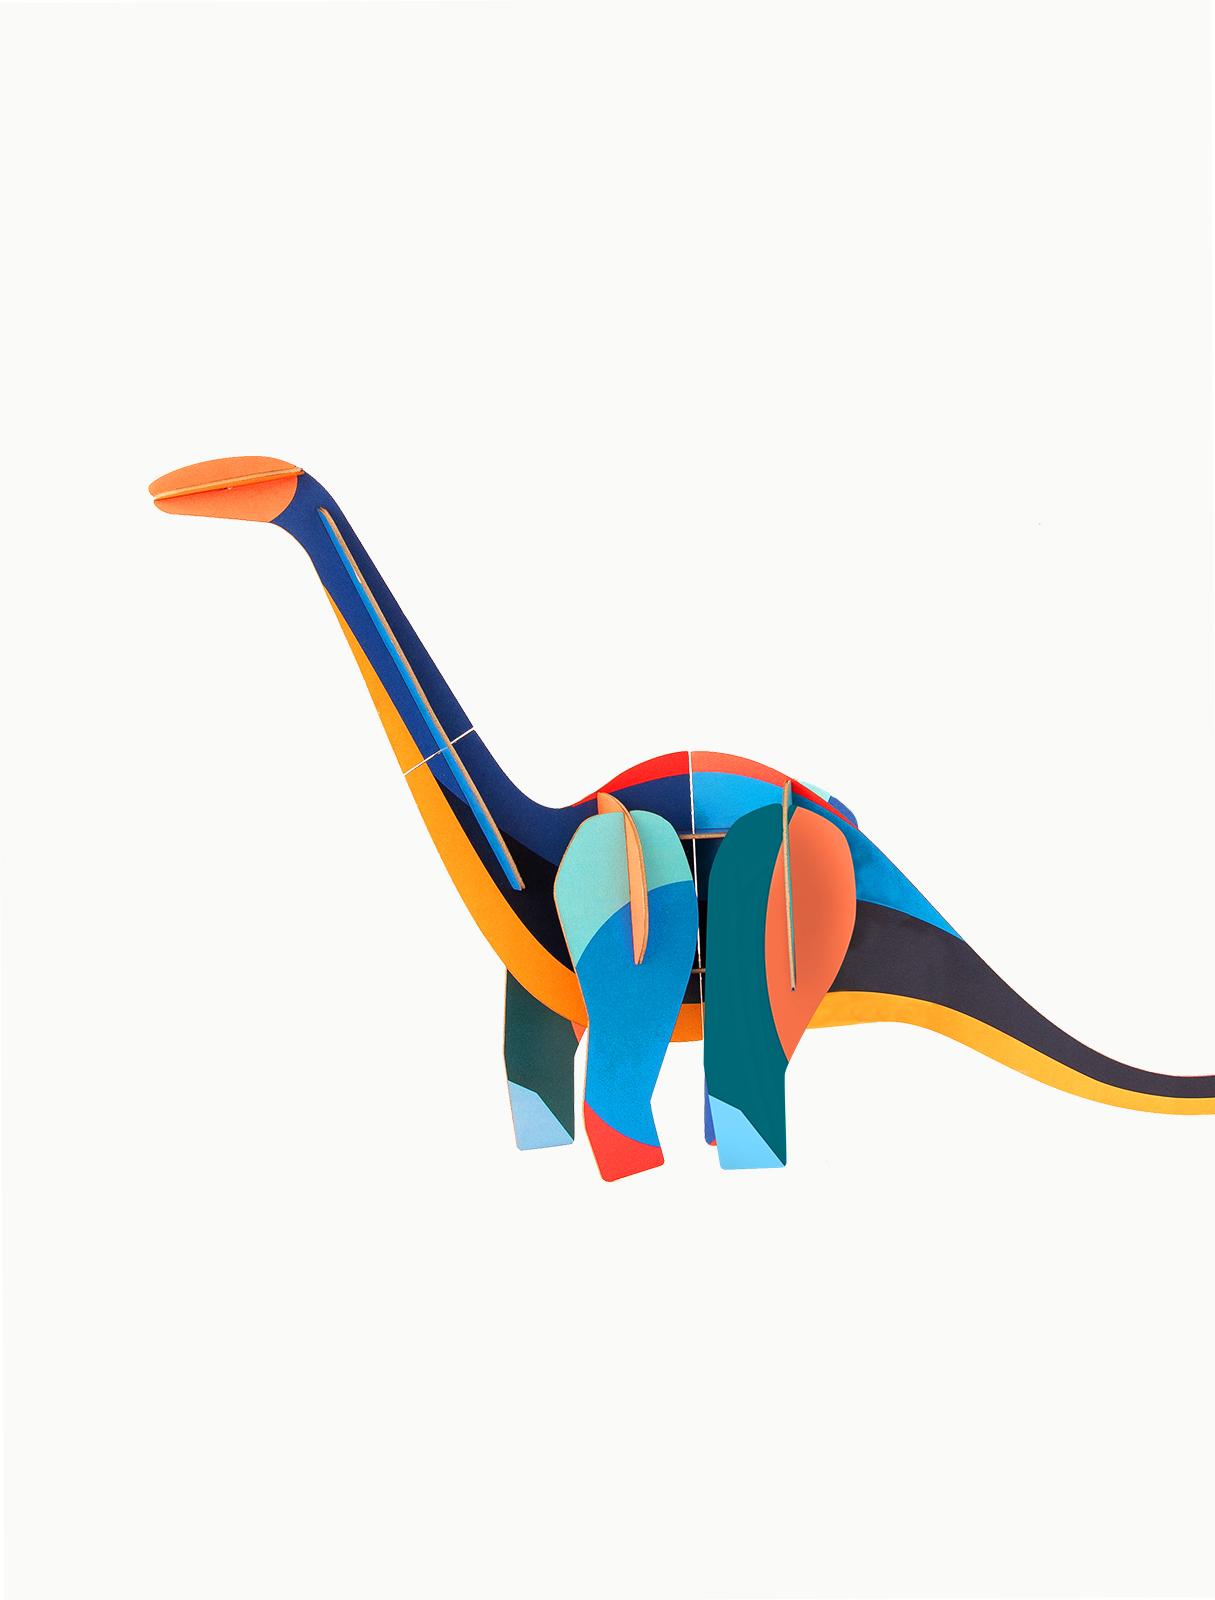 Objet 3D à construire - Diplodocus